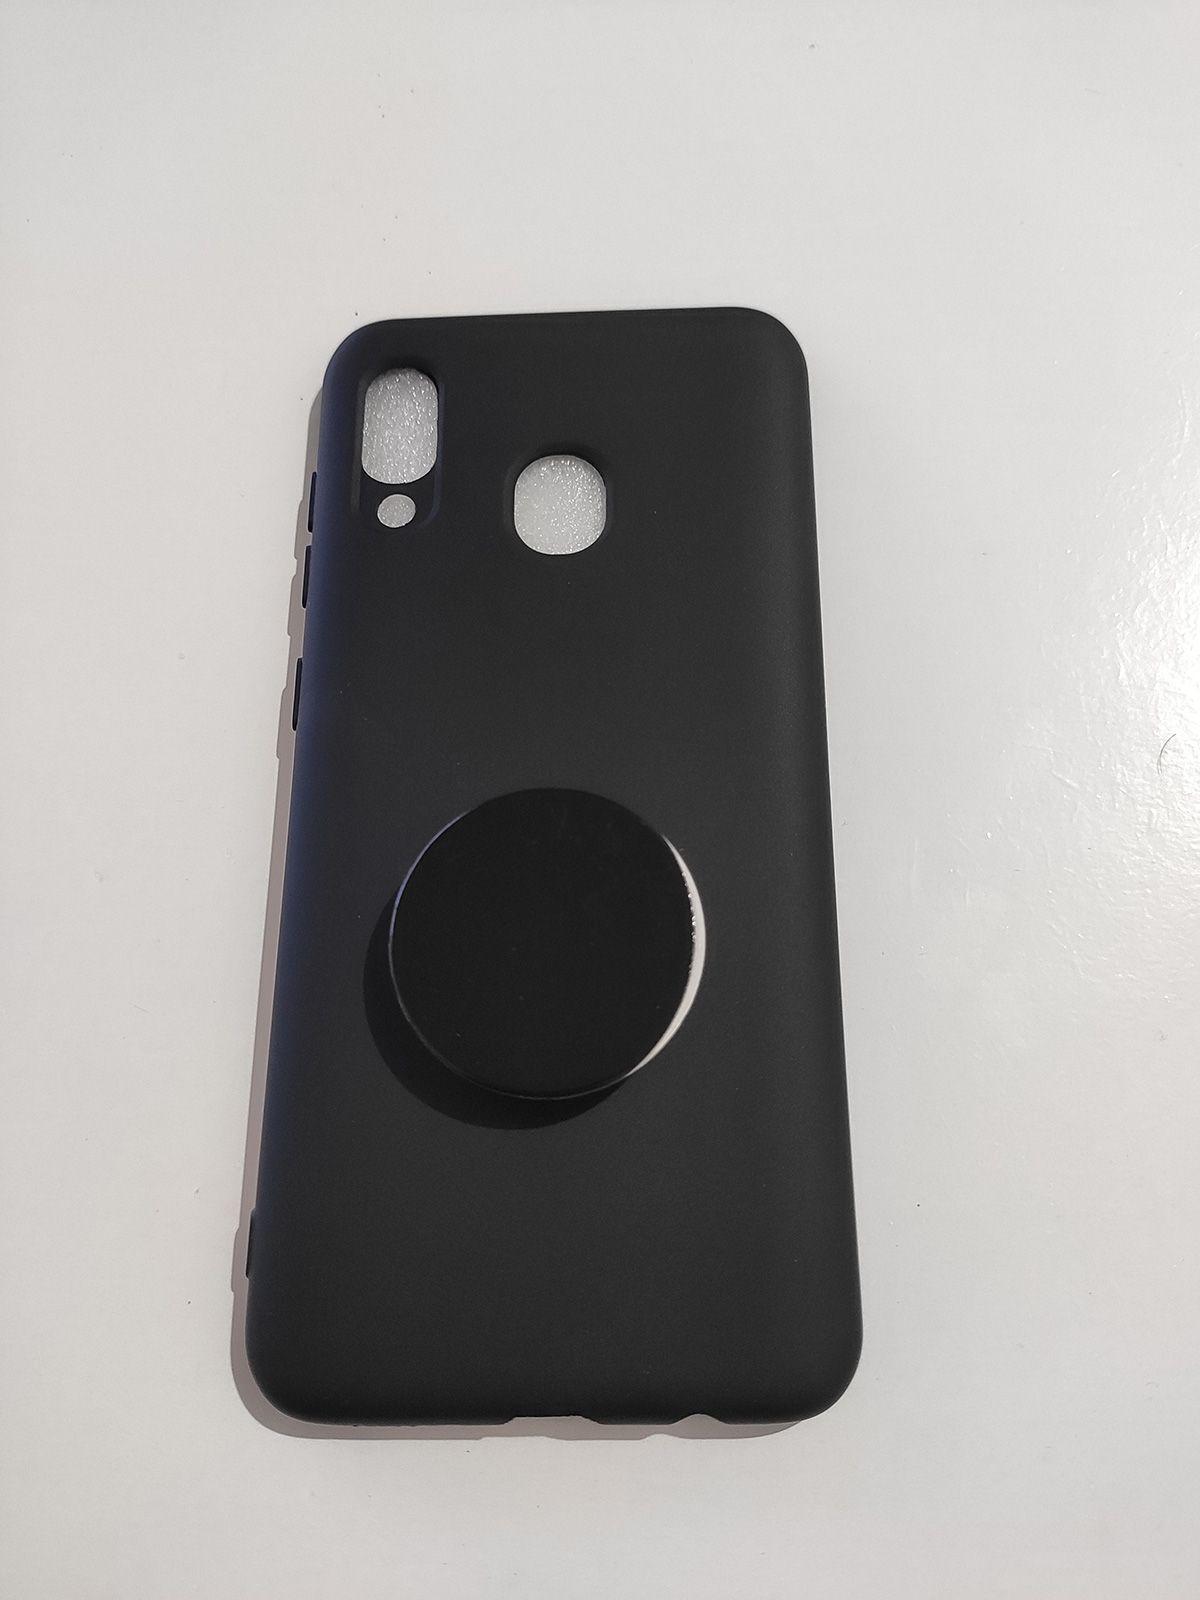 Capa Celular A20 com pop